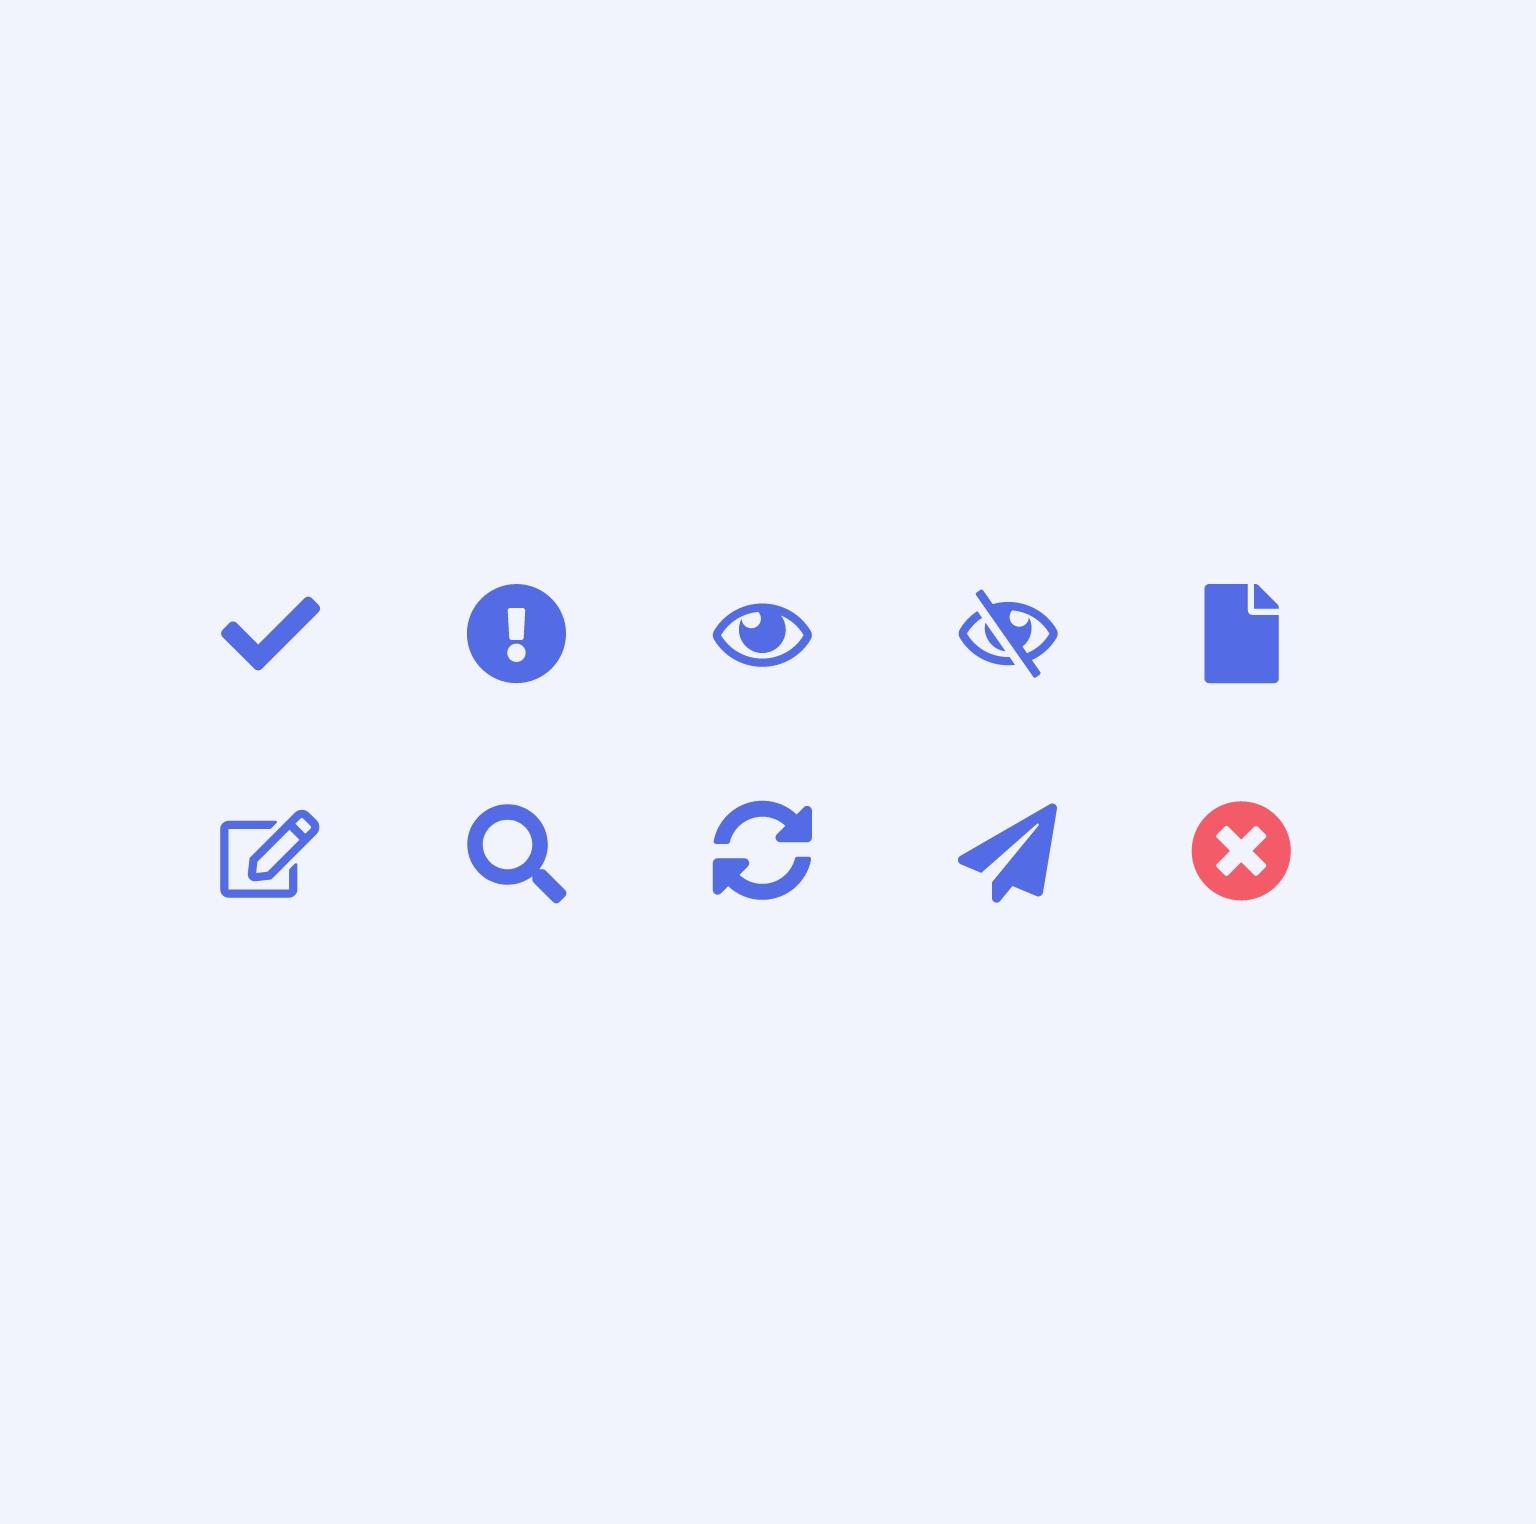 Charte graphique - Quelques icônes